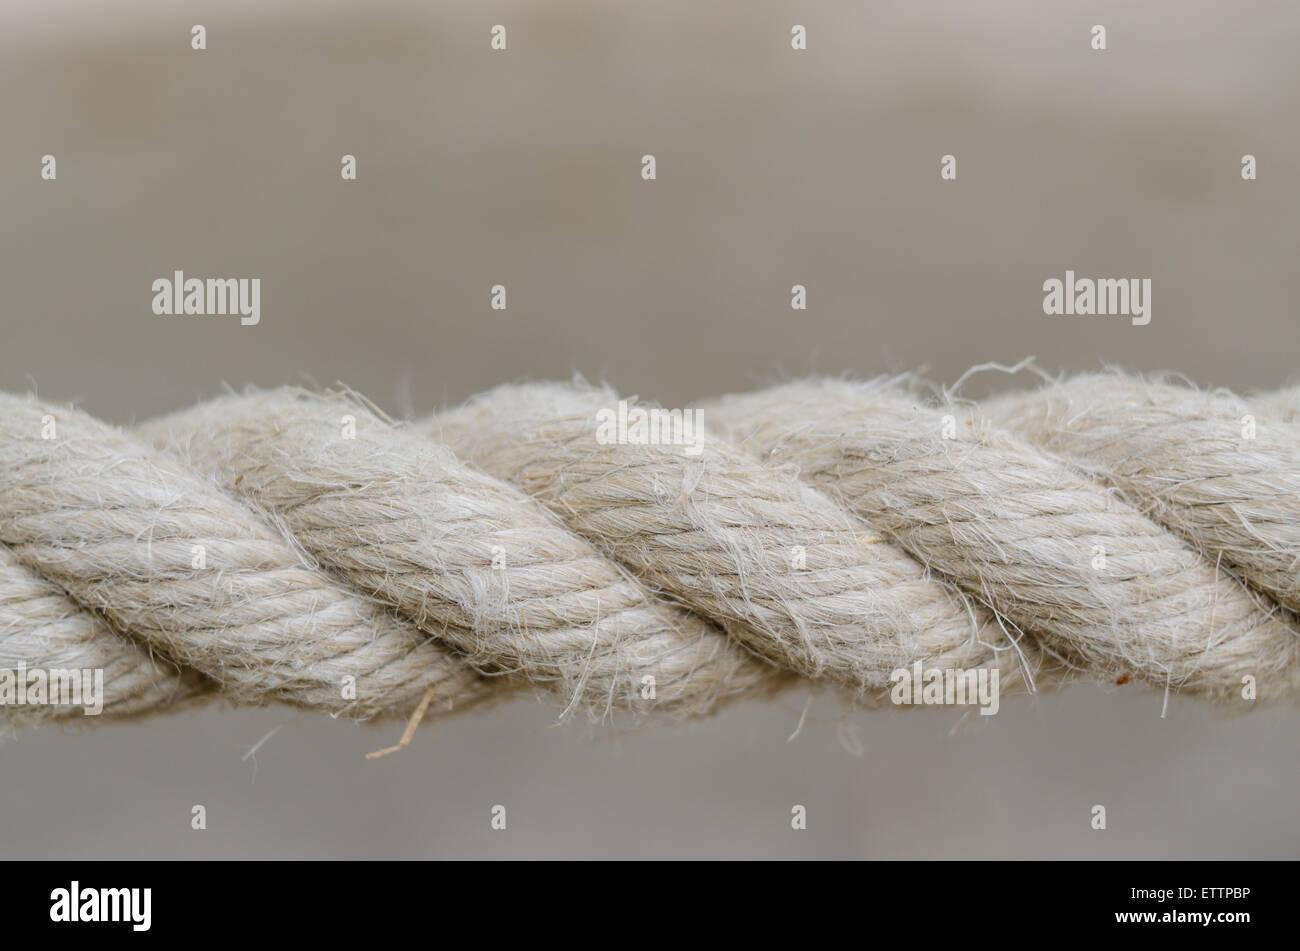 Nahaufnahme des Seils auf grauem Hintergrund isoliert Stockfoto